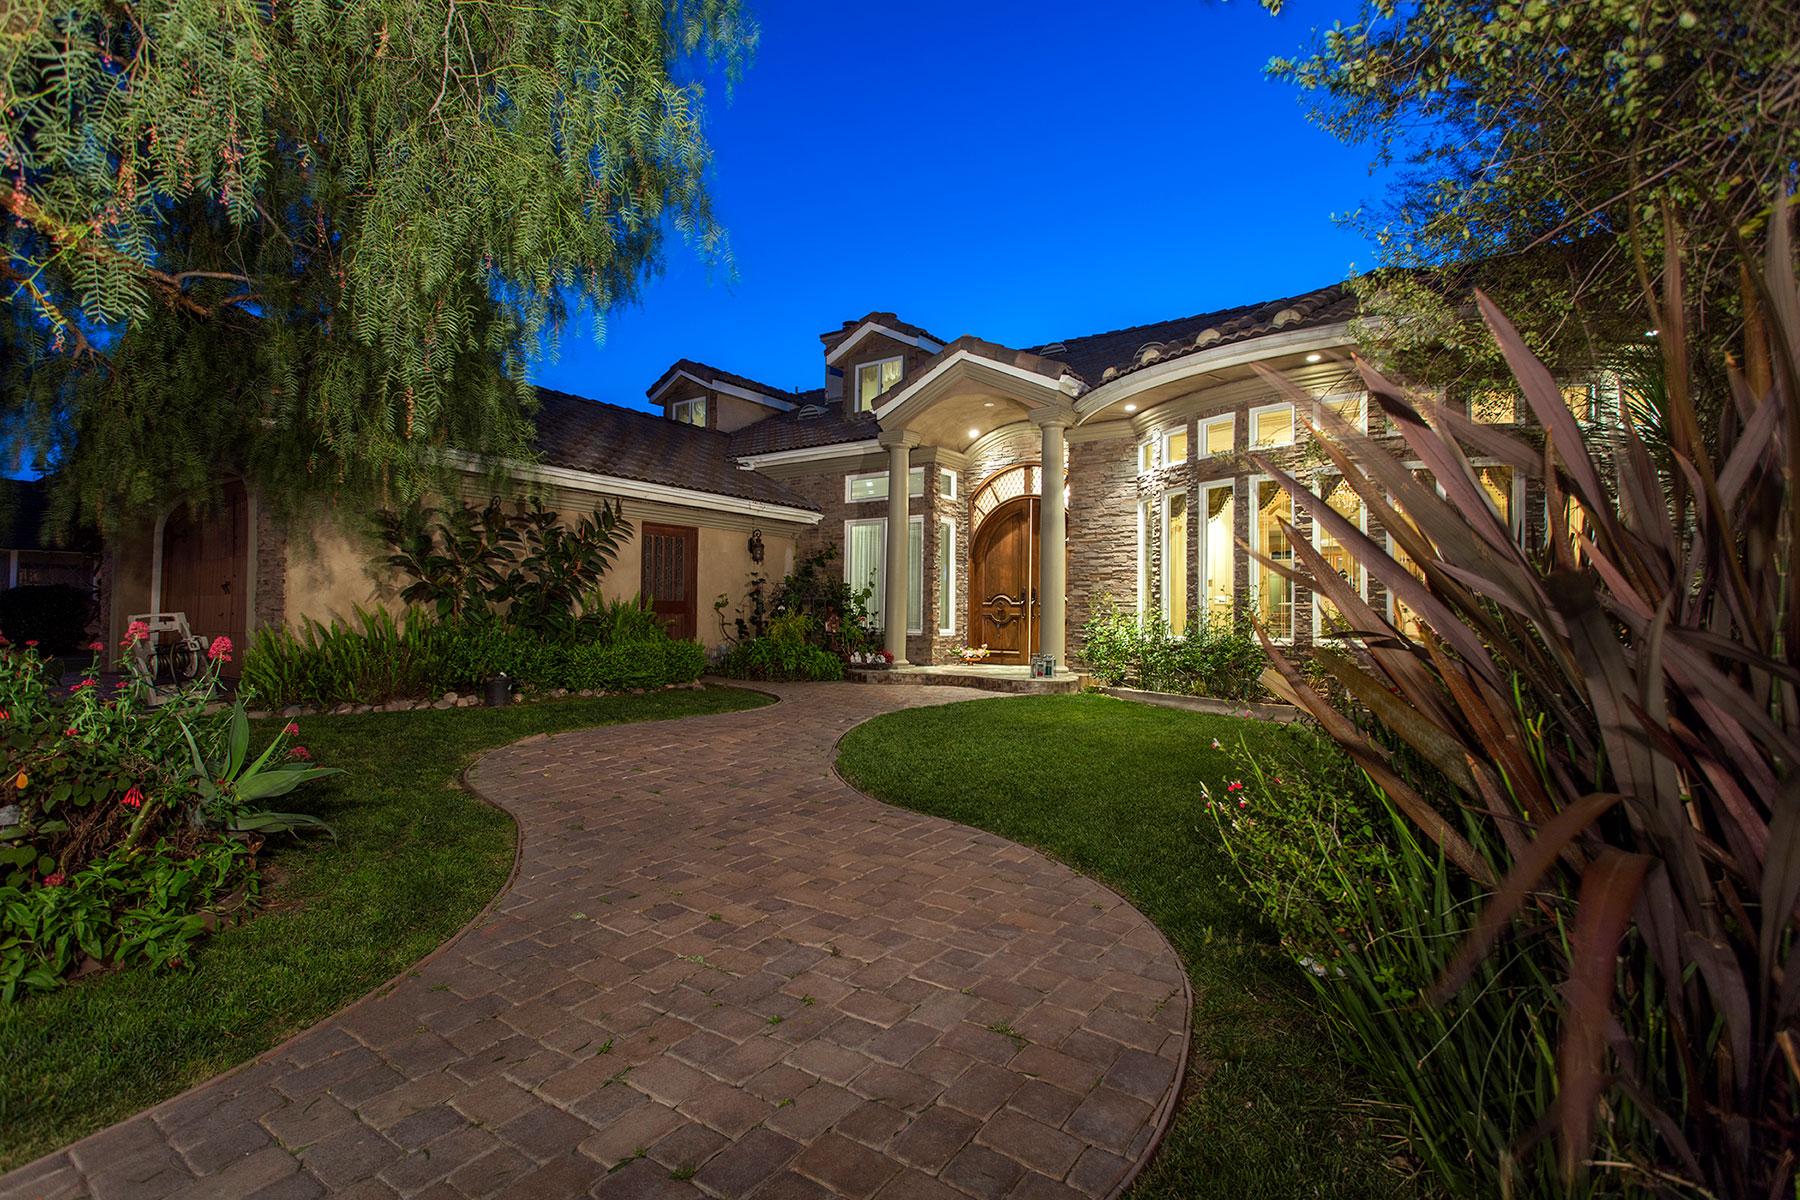 獨棟家庭住宅 為 出售 在 11801 Kensington Rossmoor, 加利福尼亞州, 90720 美國